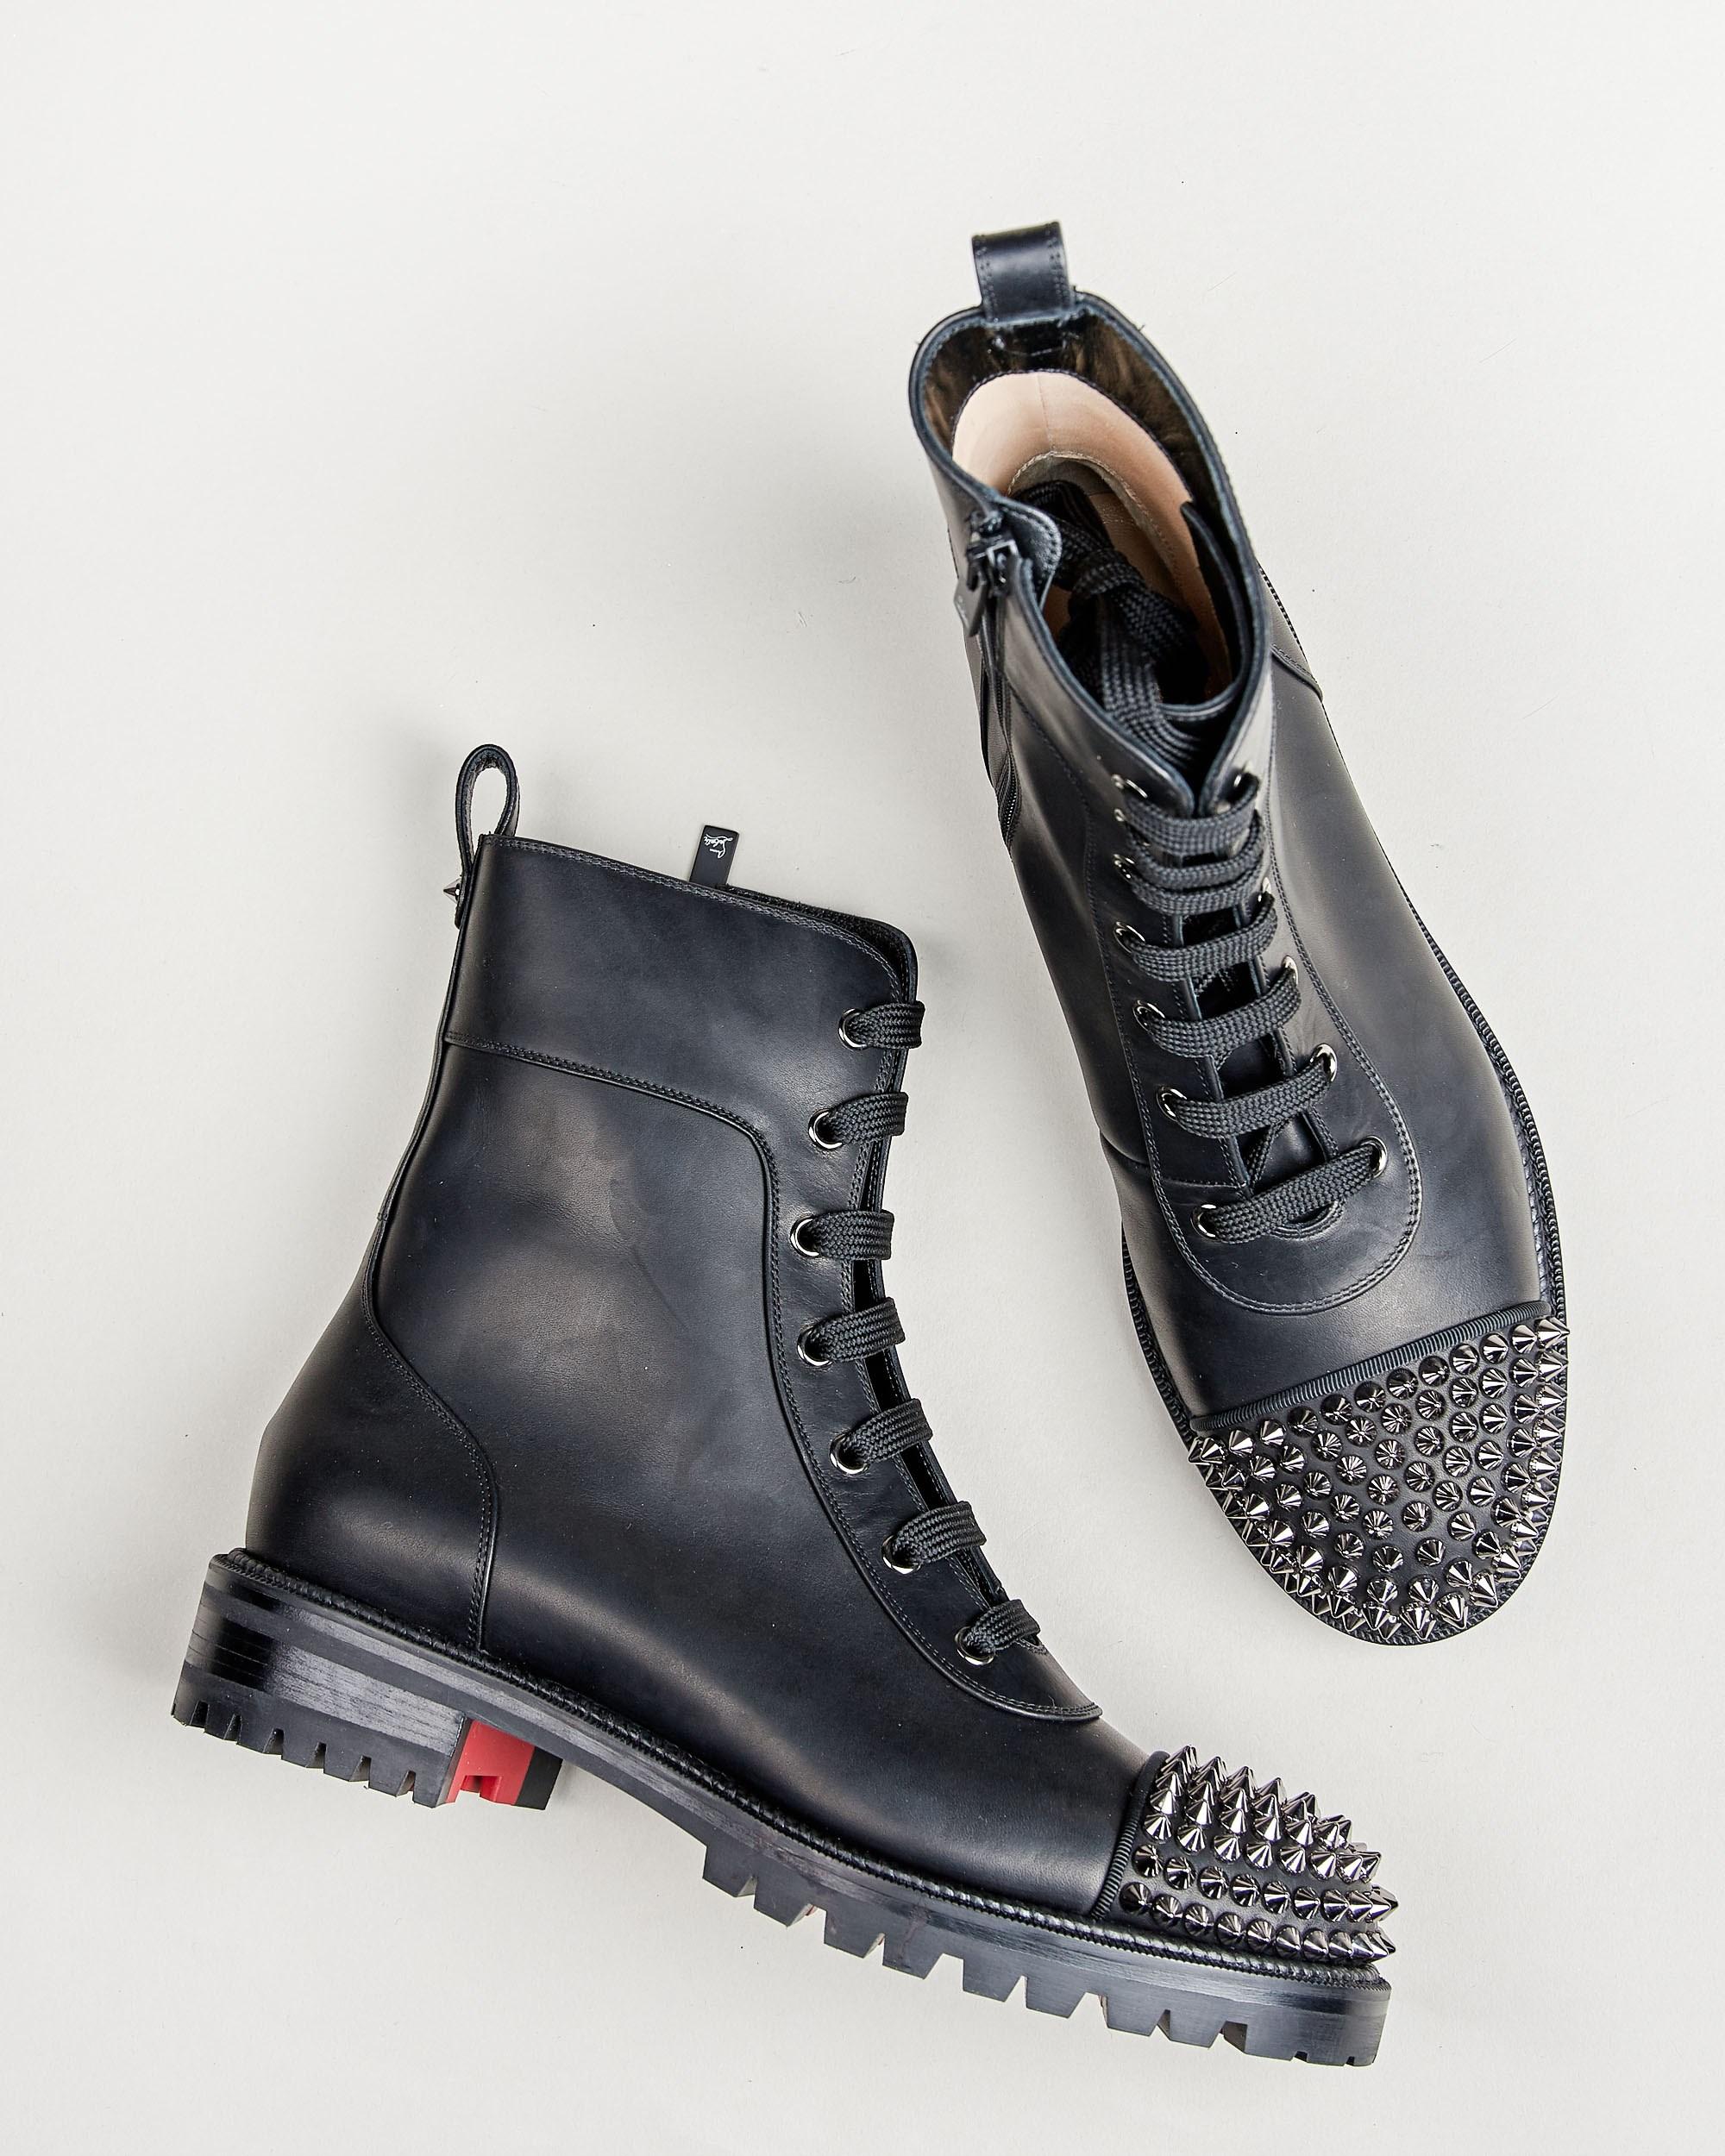 TS Croc Boots